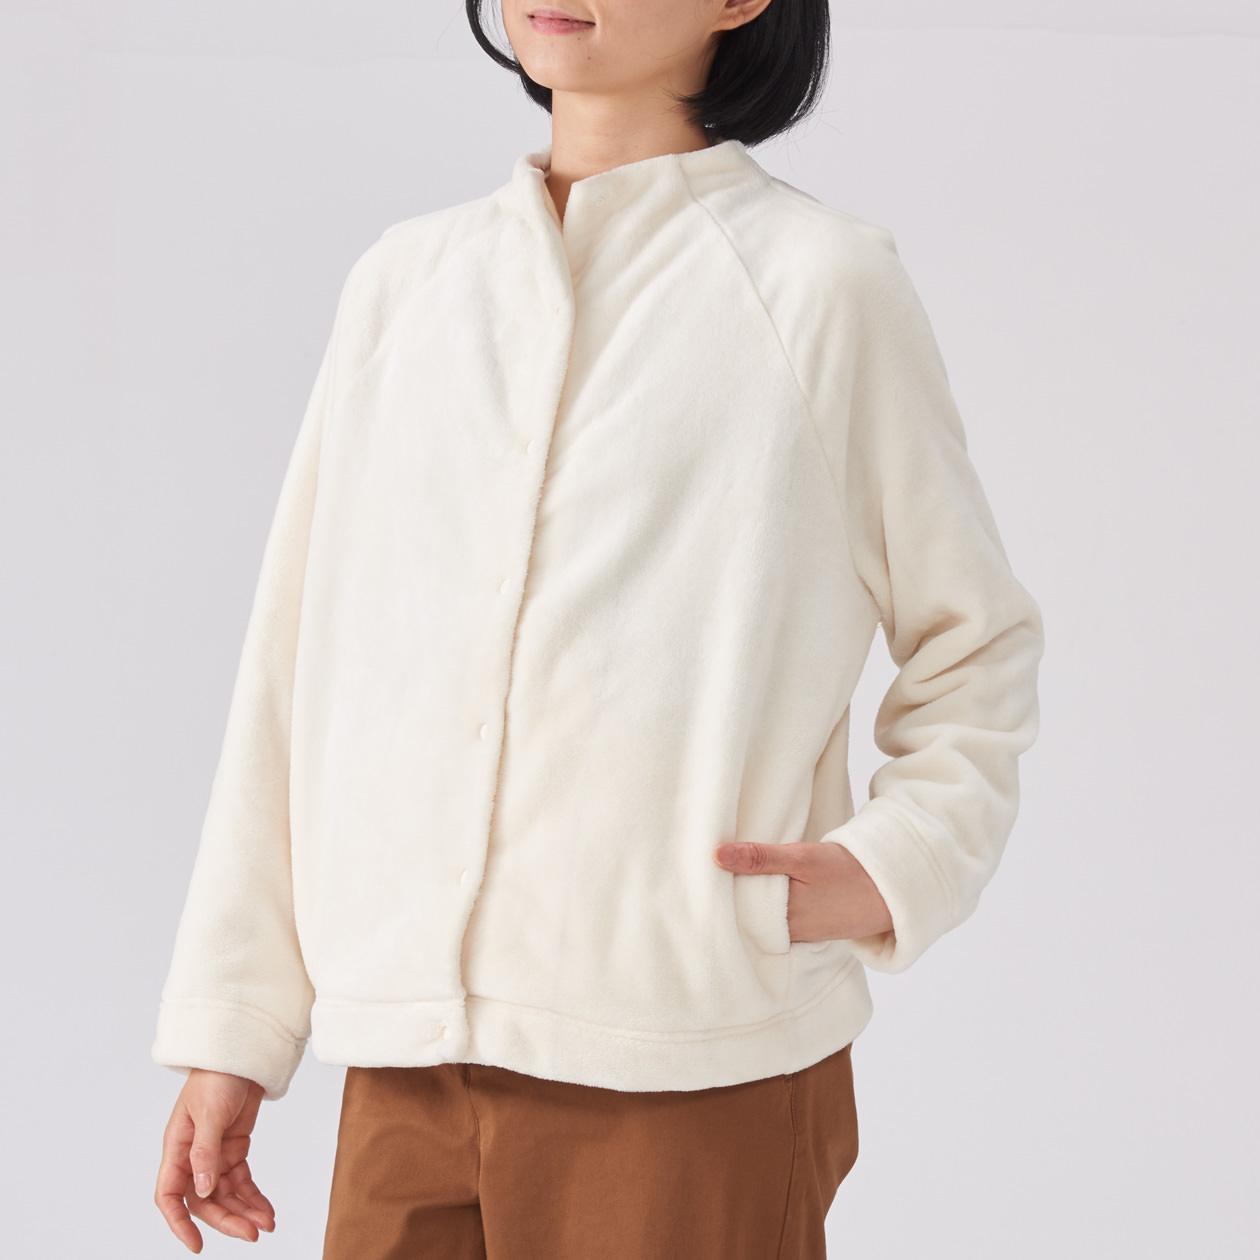 あたたかファイバー着る毛布ノーカラージャケット MUJI